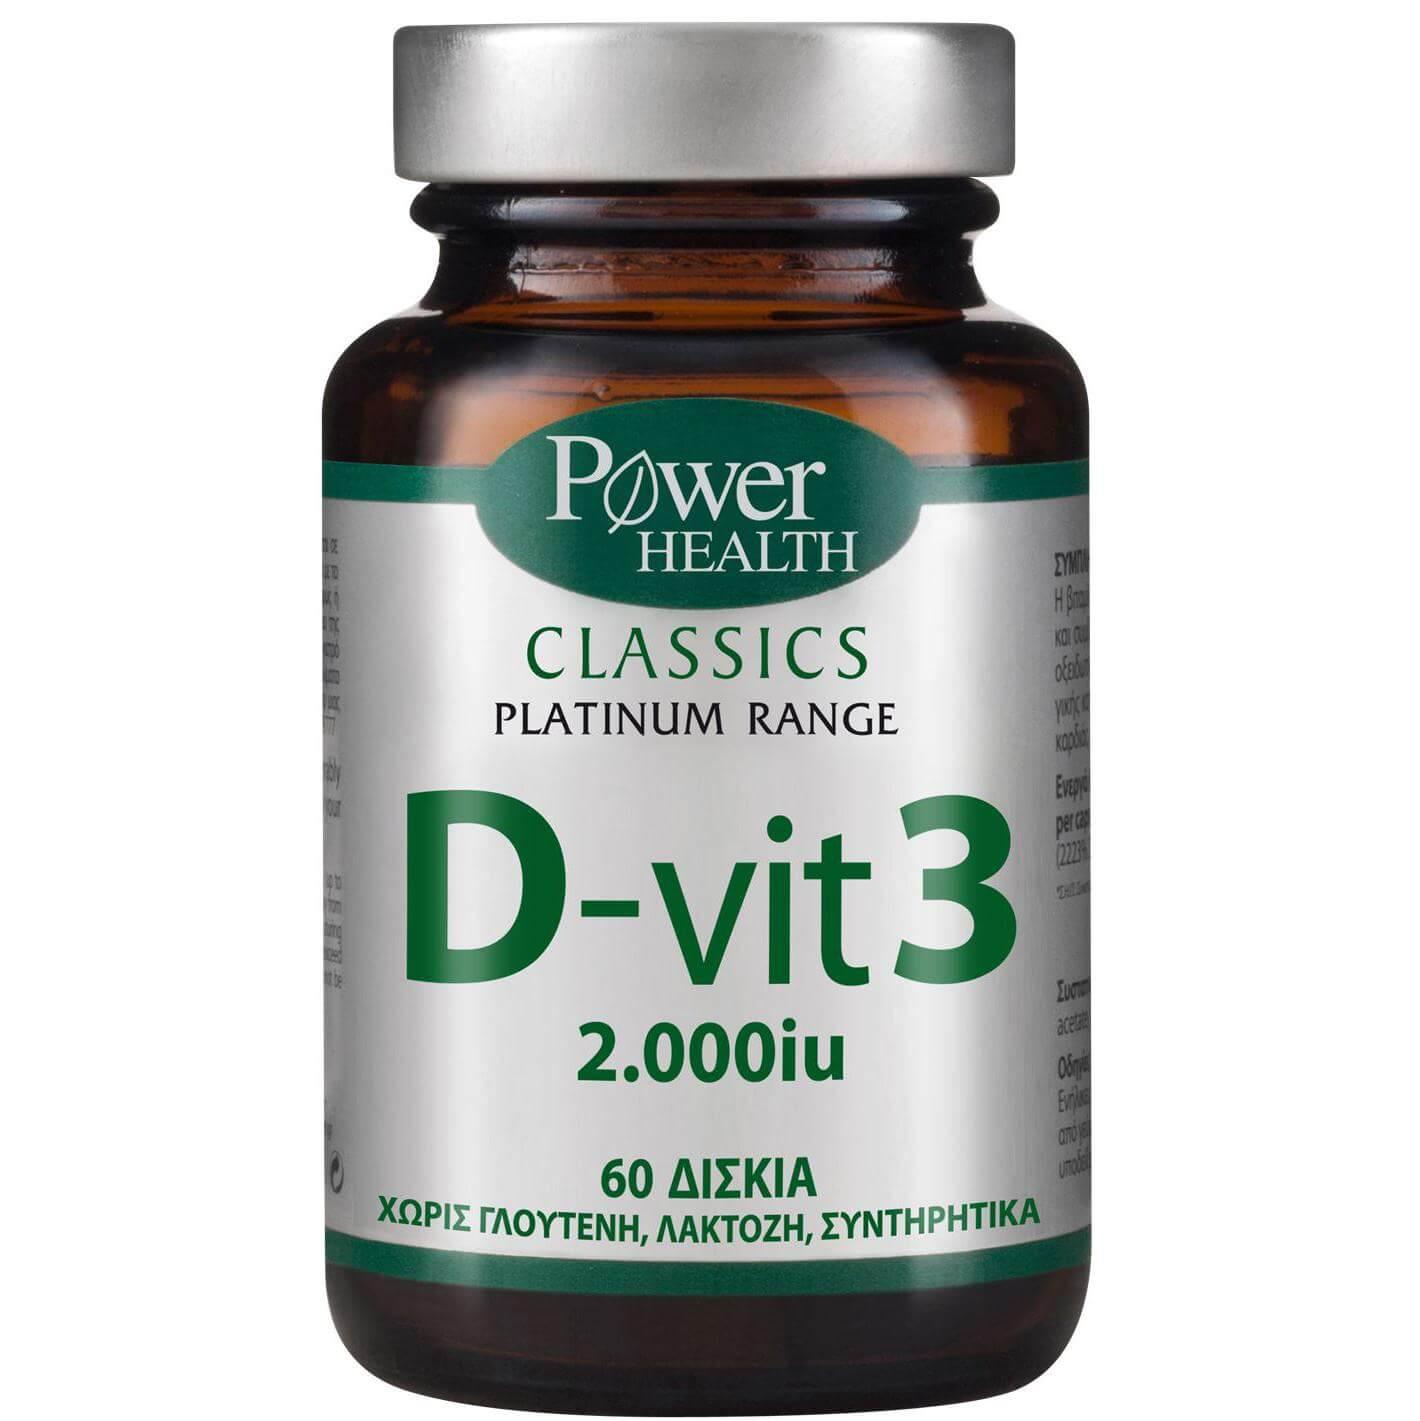 Power Health Platinum Classics Vitamin D3 2000iu 60 Δισκία